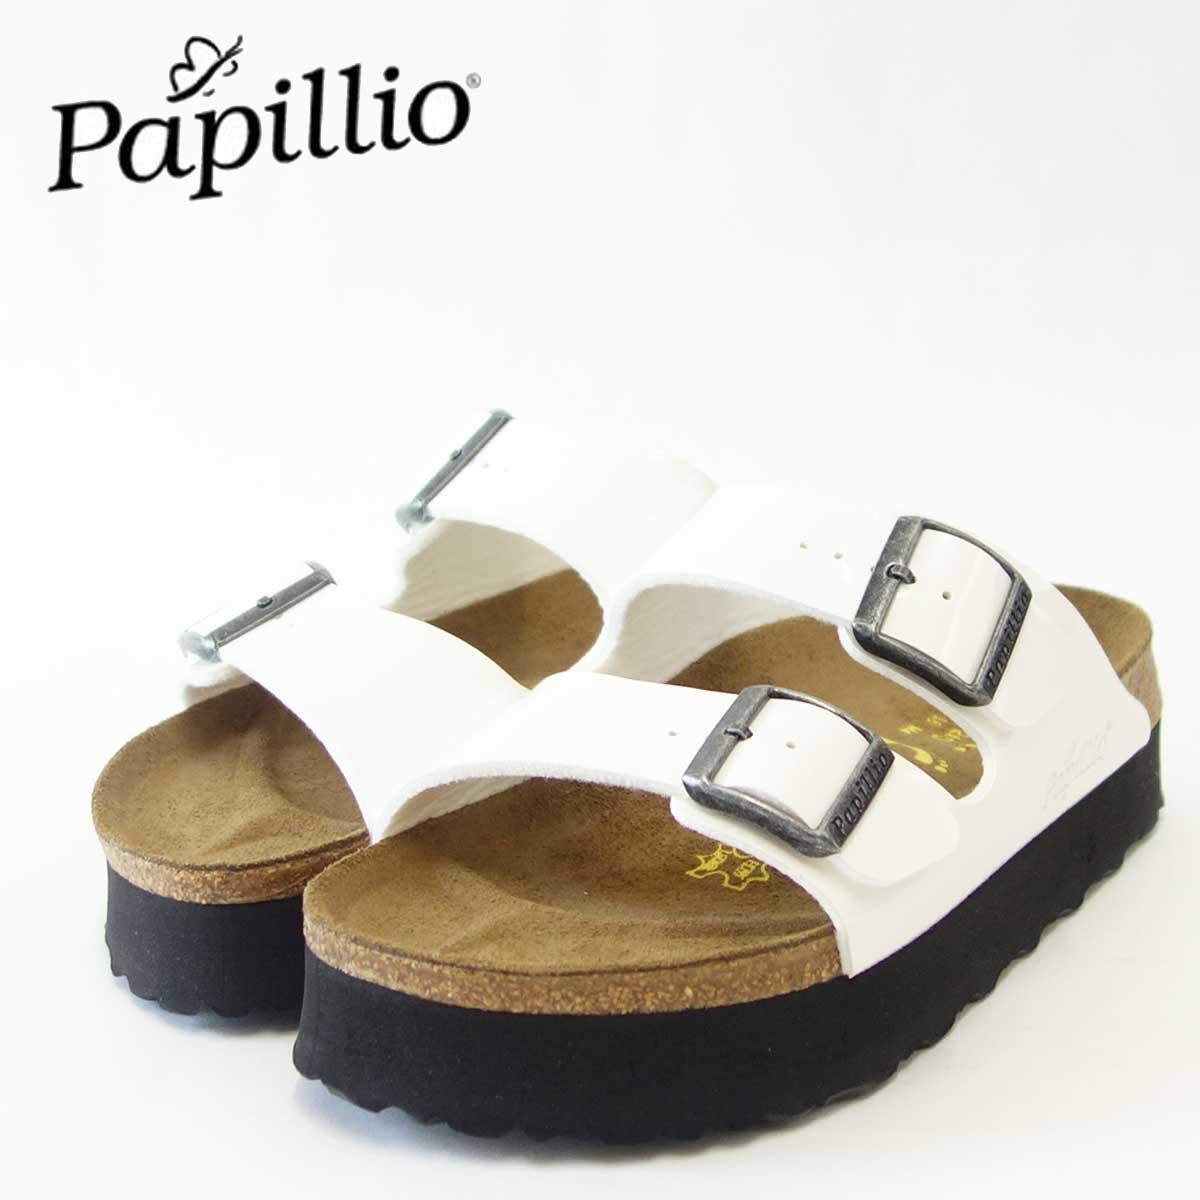 ビルケンシュトック Papillio パピリオ Arizona(アリゾナ)レディース 363913(ビルコフローパテント/ホワイト)厚底が新鮮でお洒落なサンダル「靴」